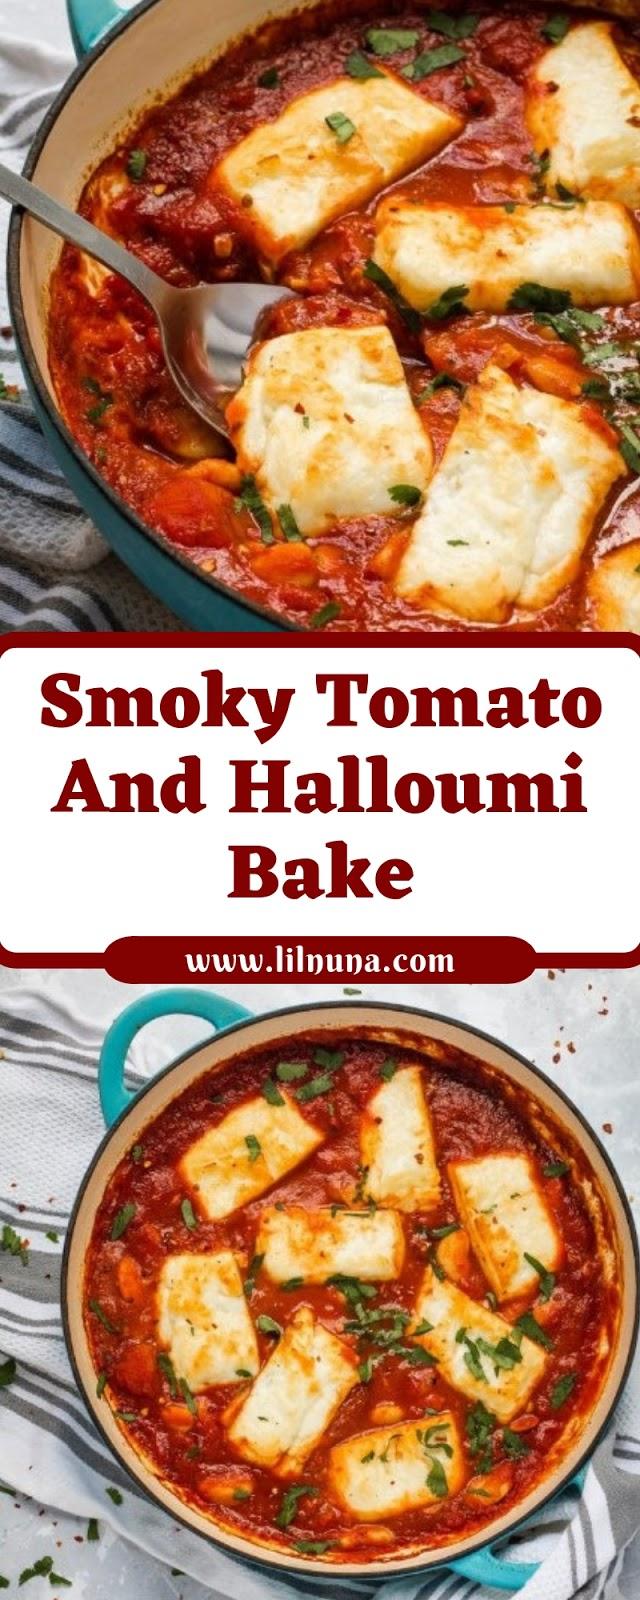 Smoky Tomato & Halloumi Bake